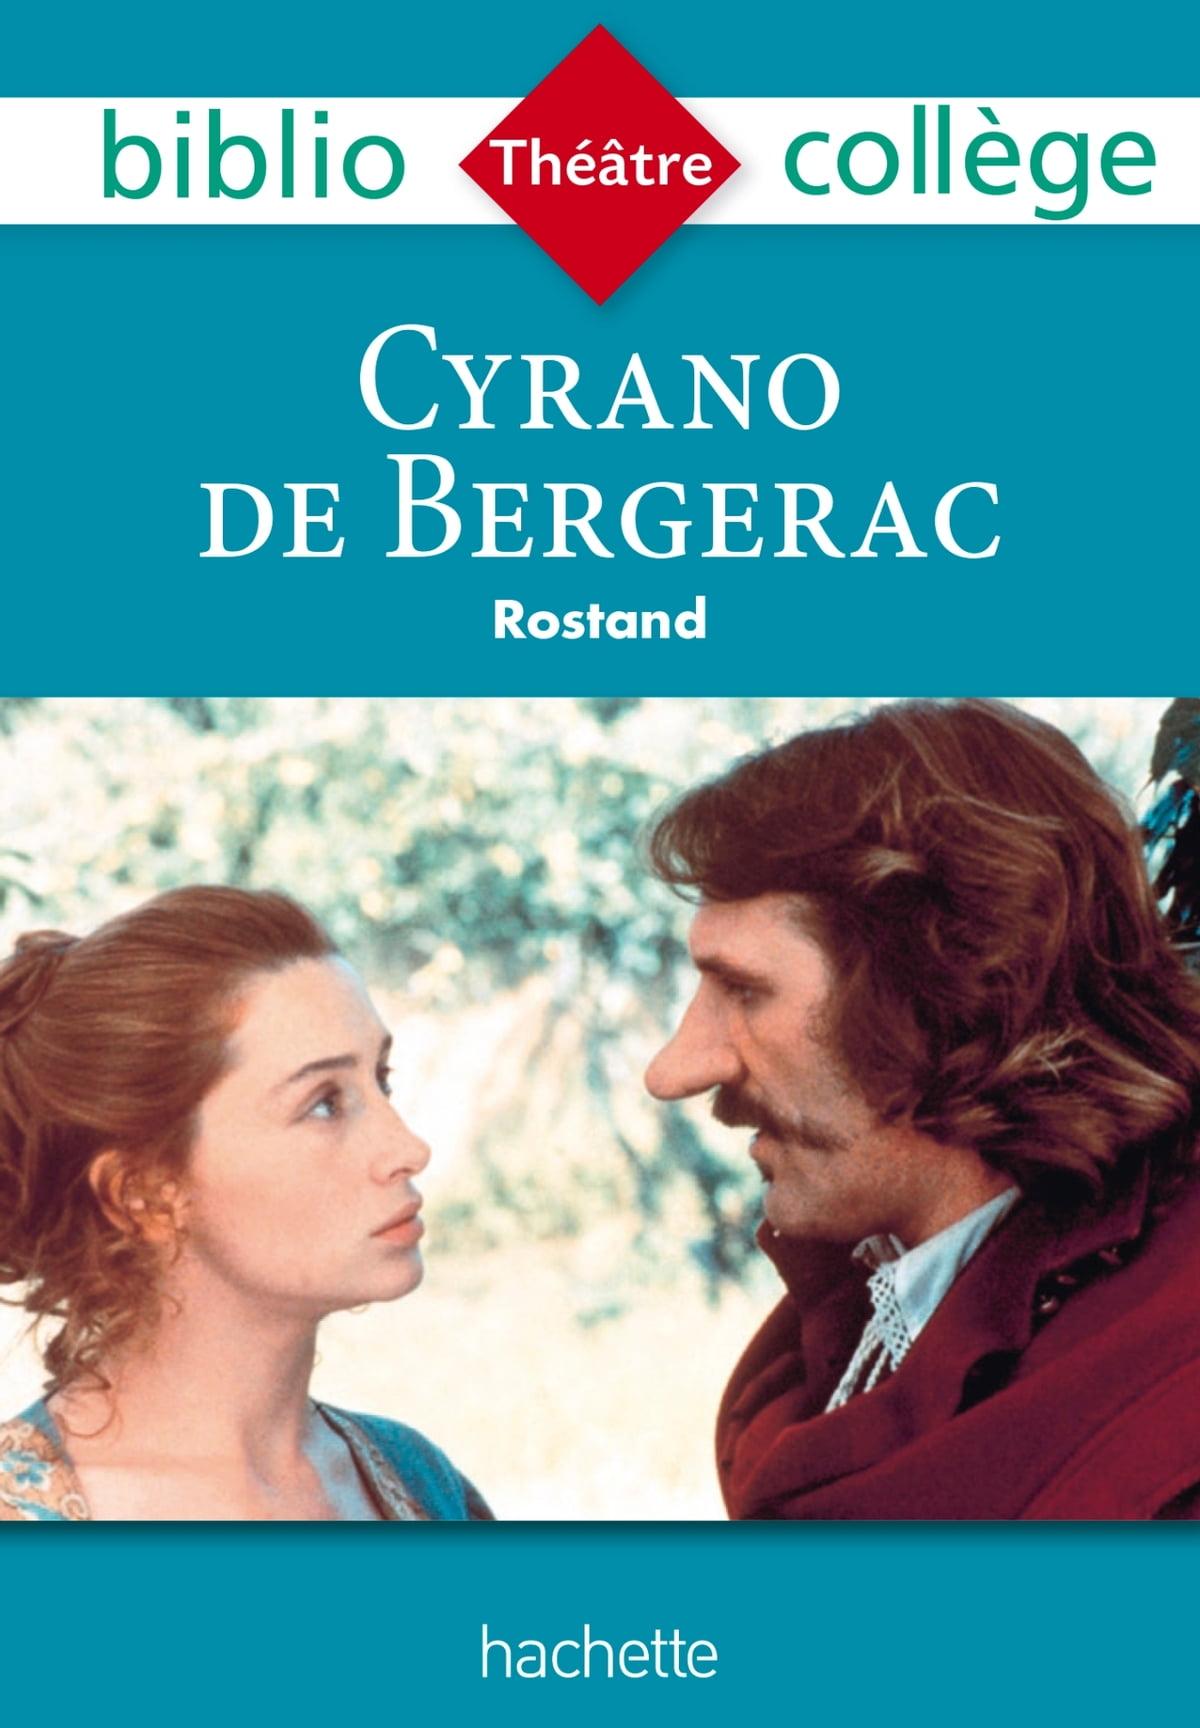 Bibliocollege Cyrano De Bergerac Edmond Rostand Ebook De